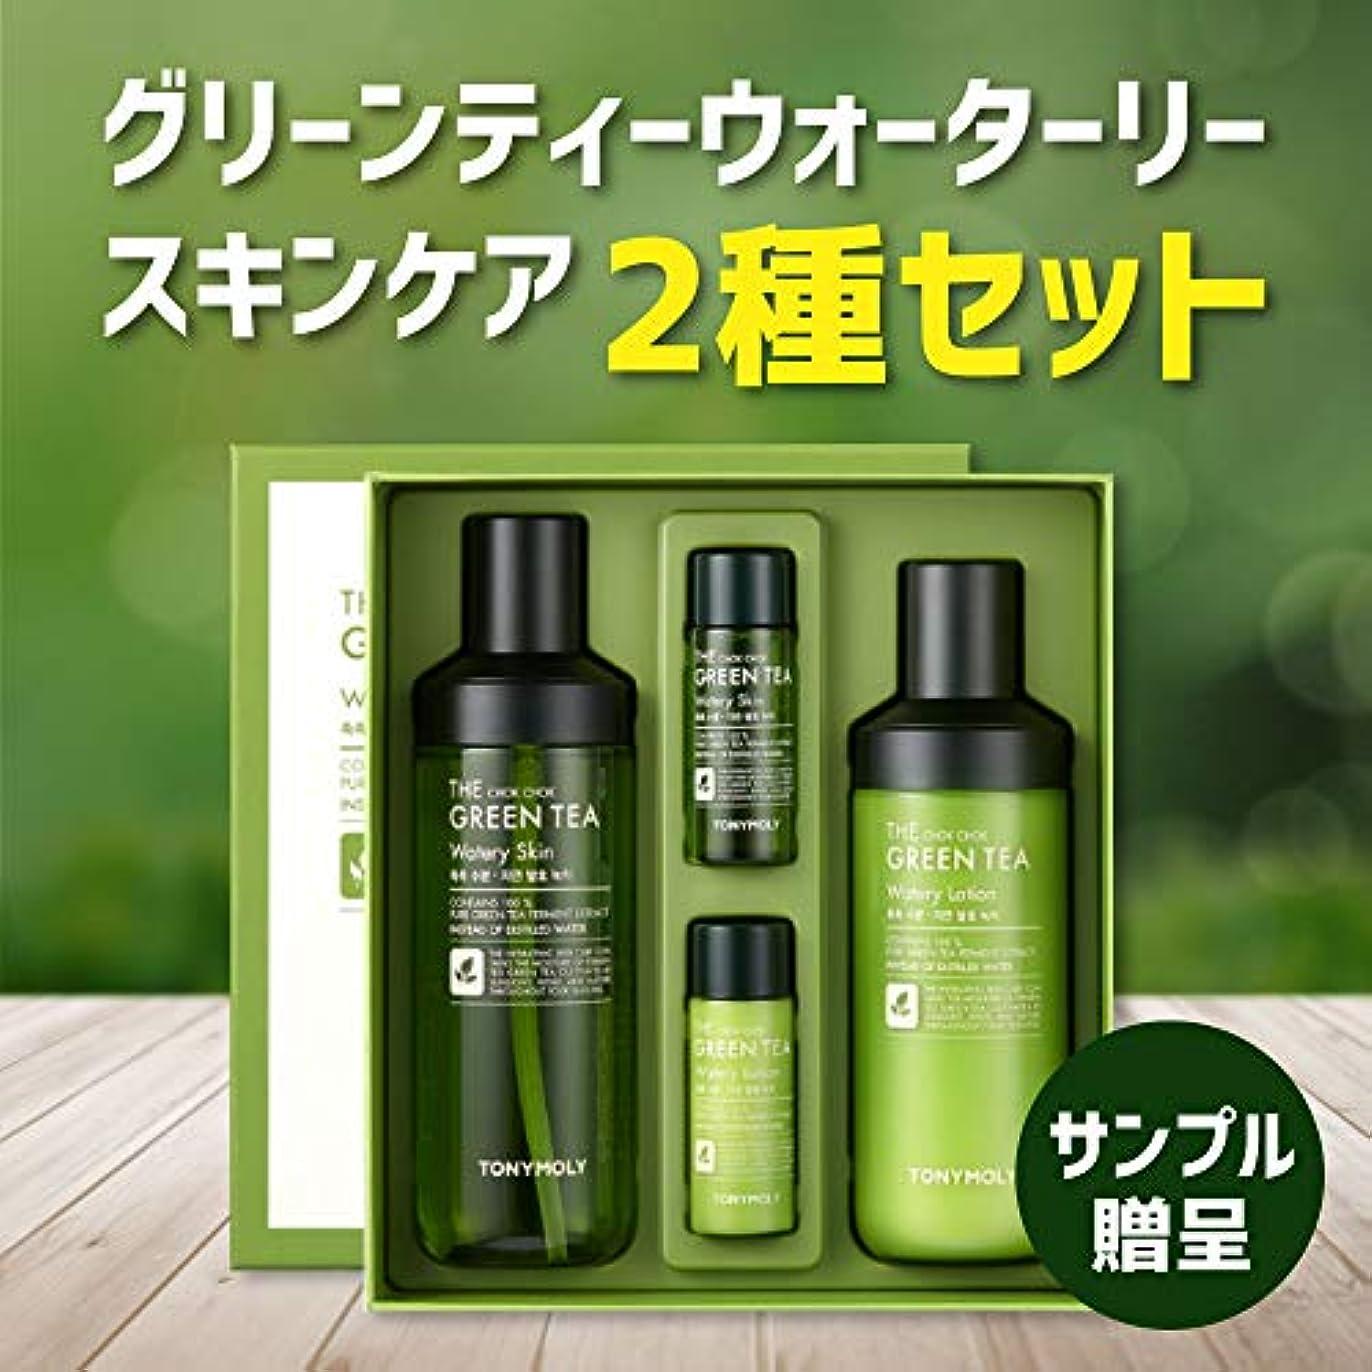 達成可能乱れバッフルTONYMOLY しっとり グリーン ティー 水分 化粧水 乳液 セット 抹茶 The Chok Chok Green Tea Watery Skin